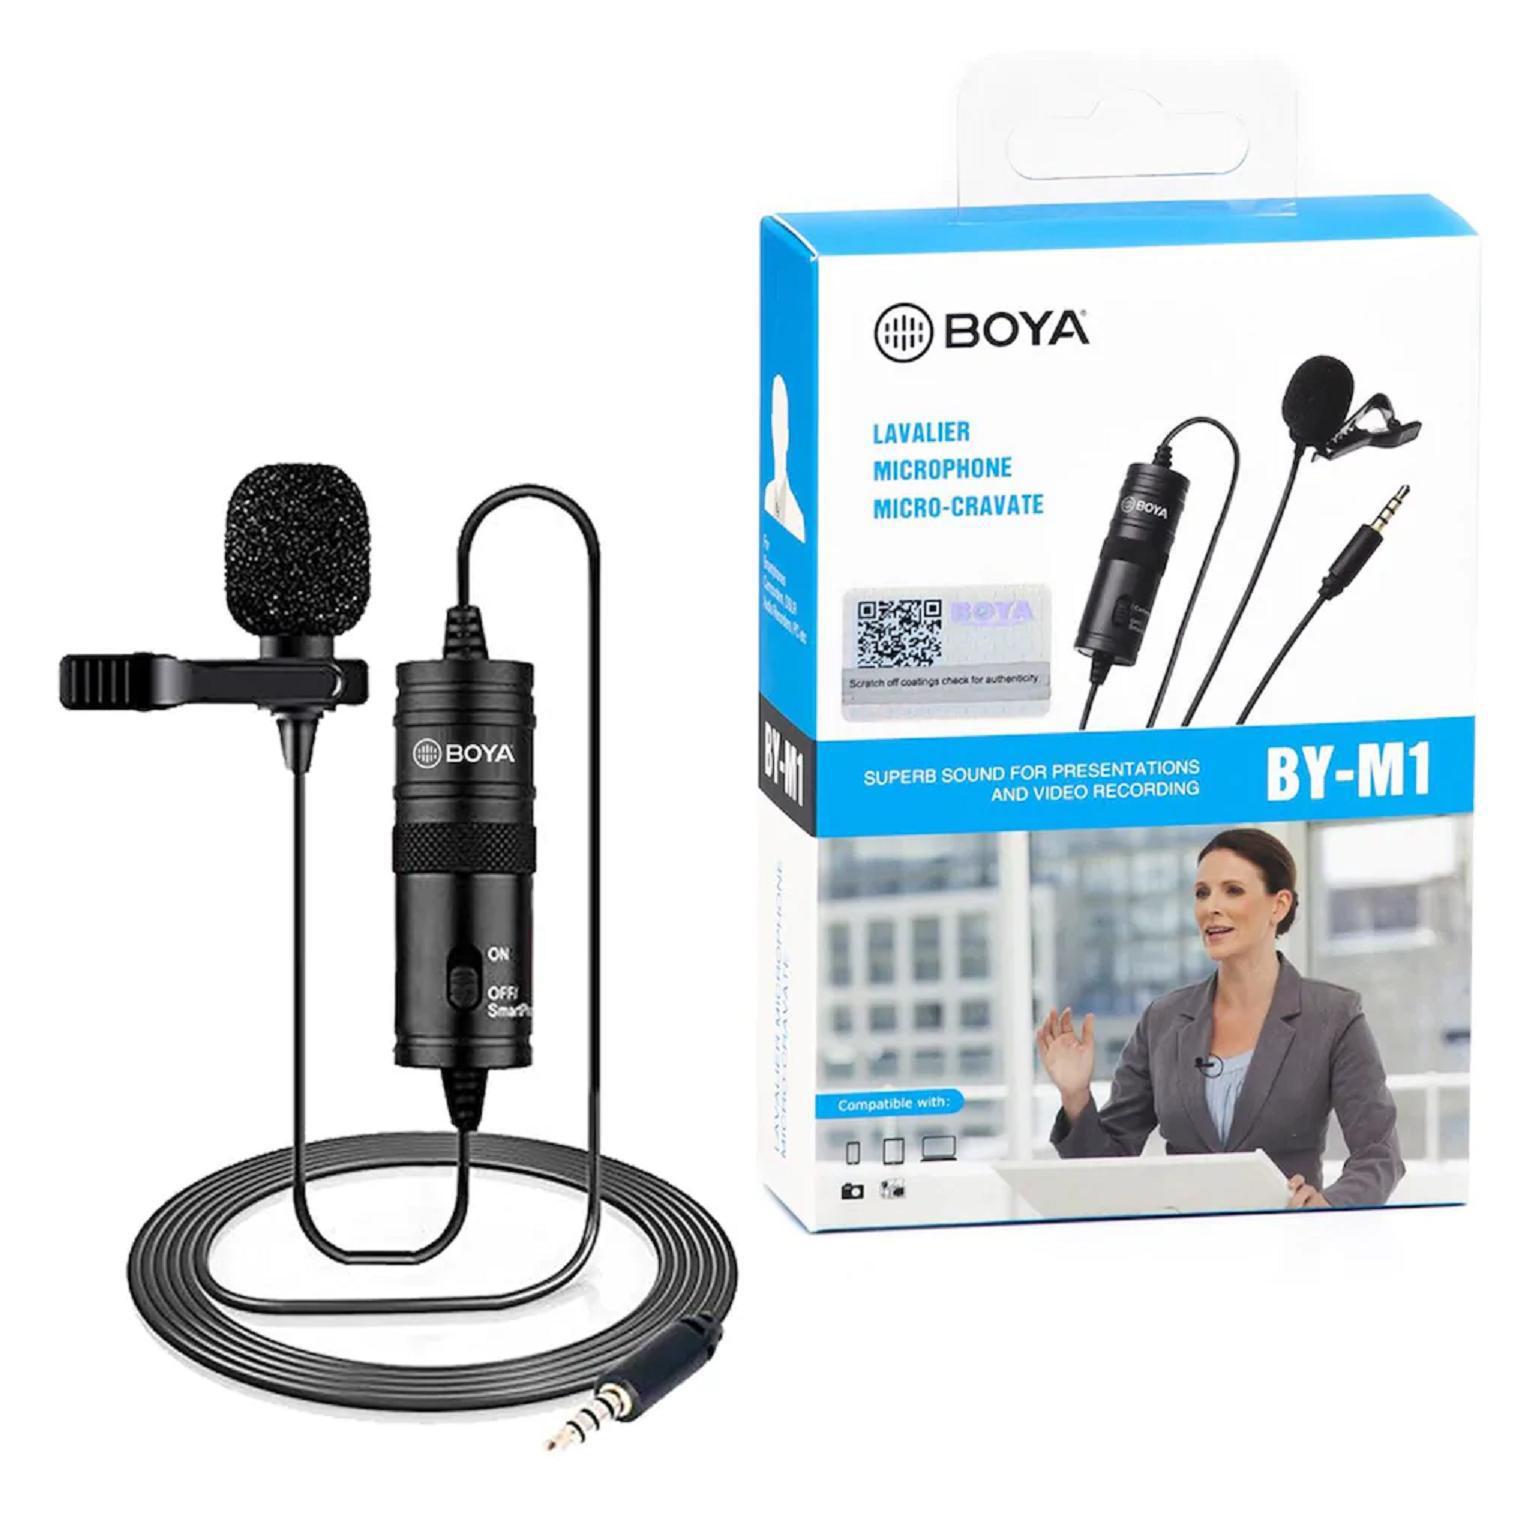 Boya By-M1 mic thu âm cao cấp cho điện thoại, camera, máy tính